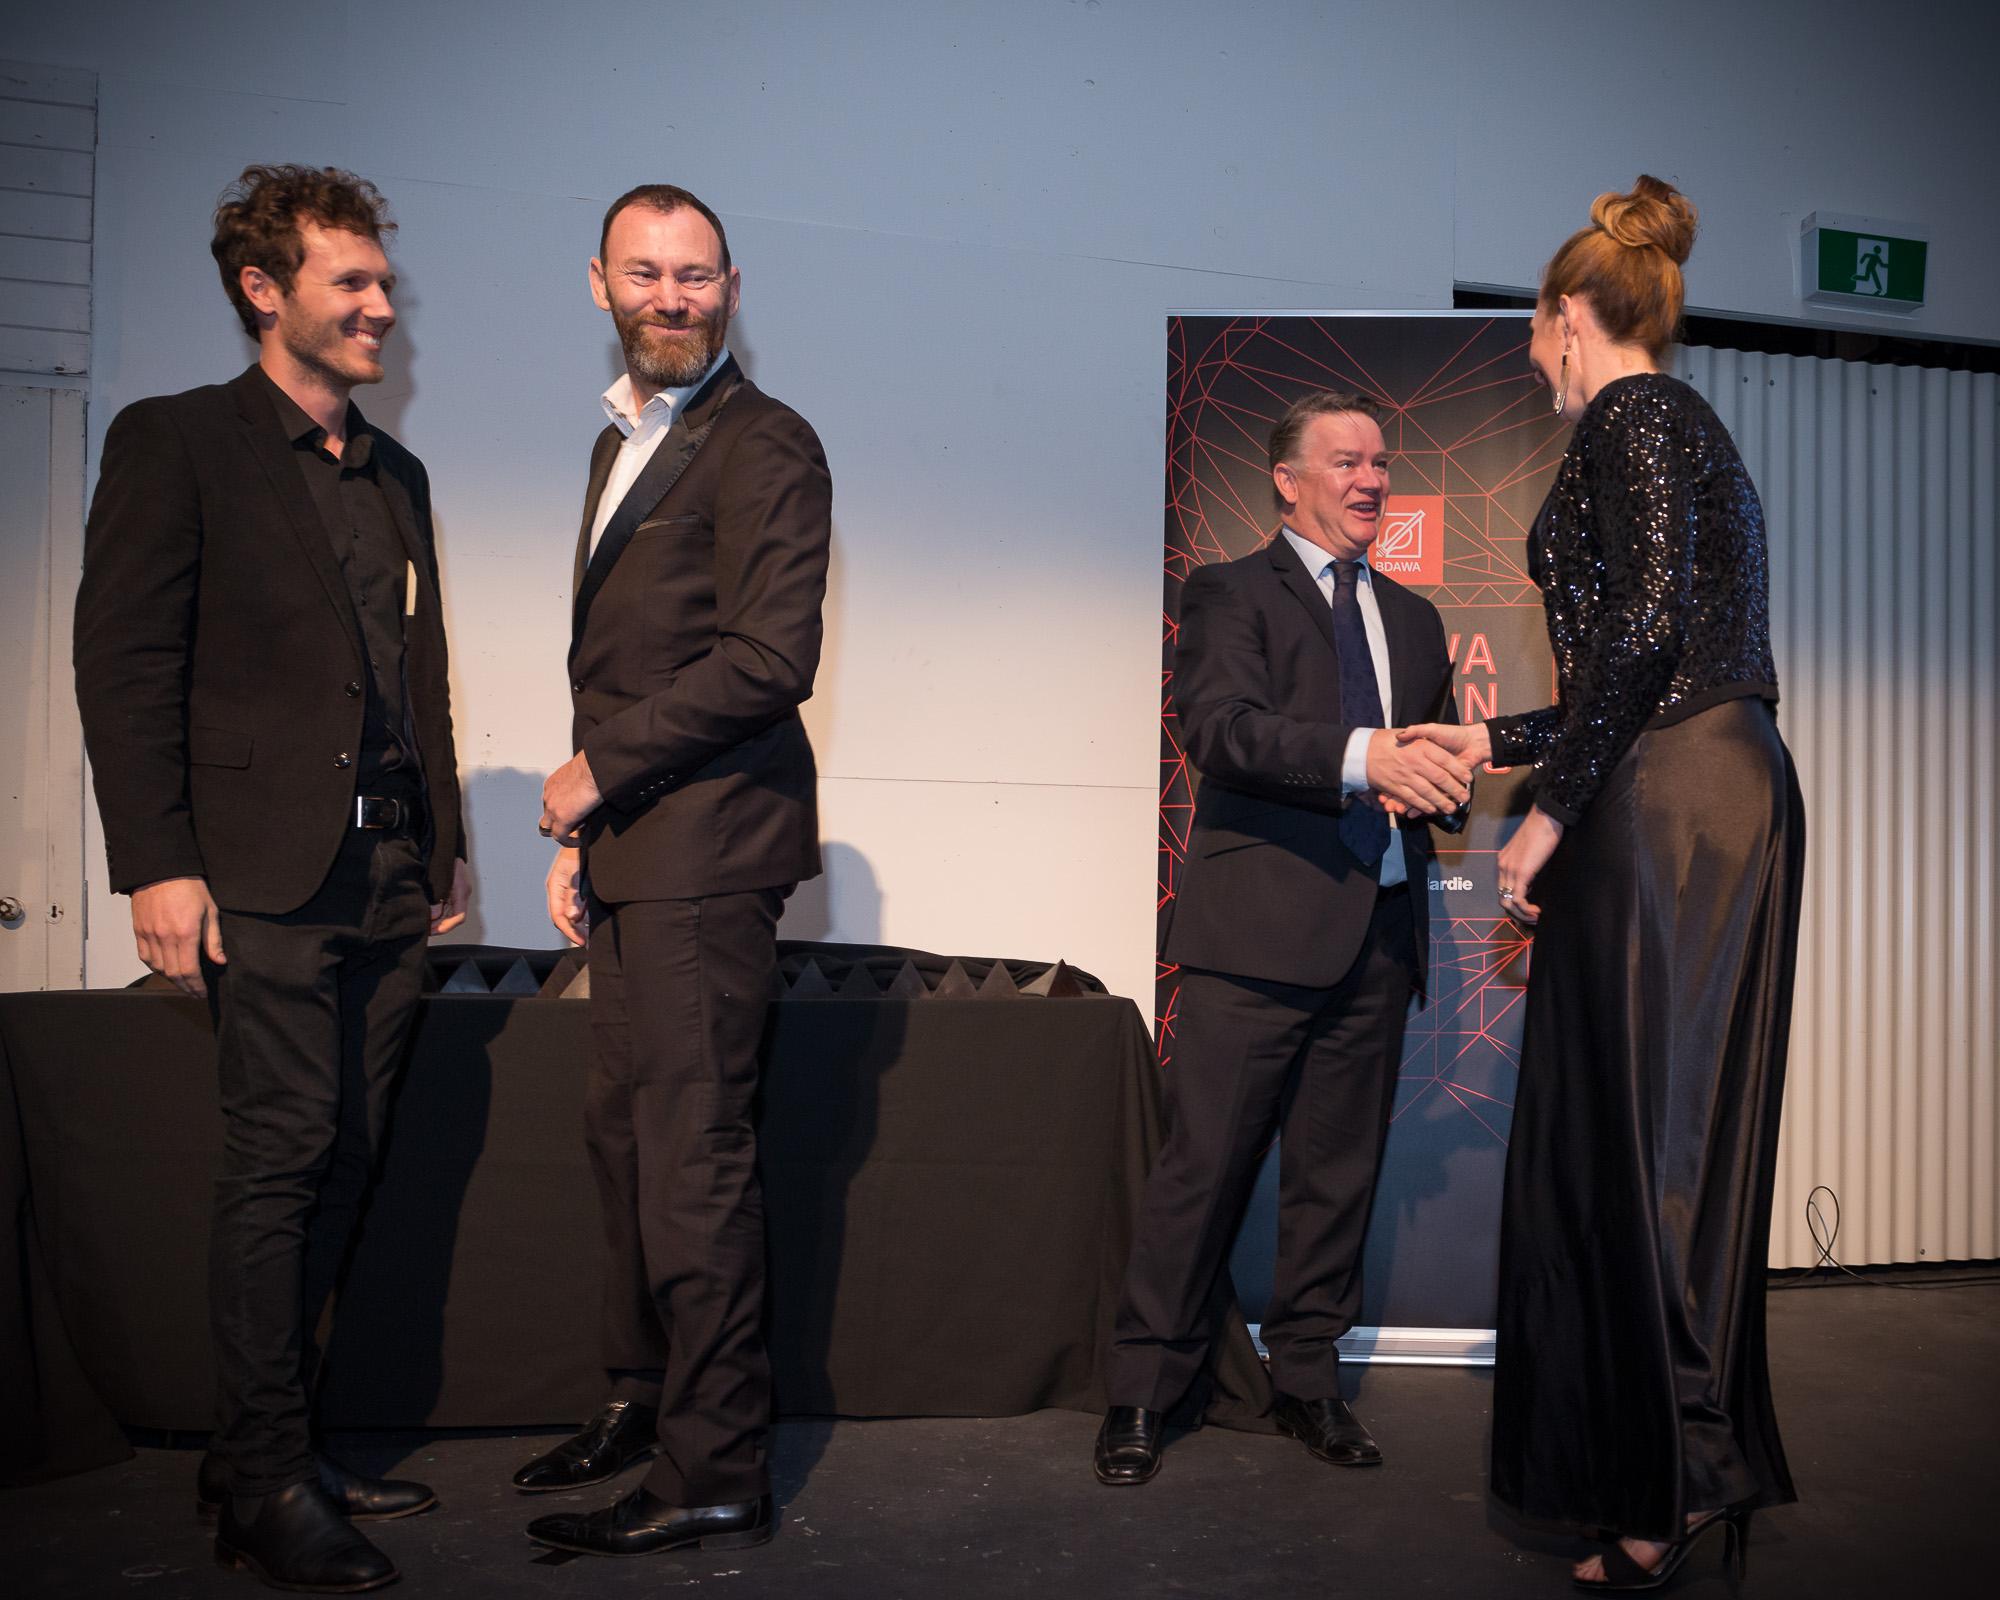 0144 BDA WA Awards 2017 _JHG7376.jpg